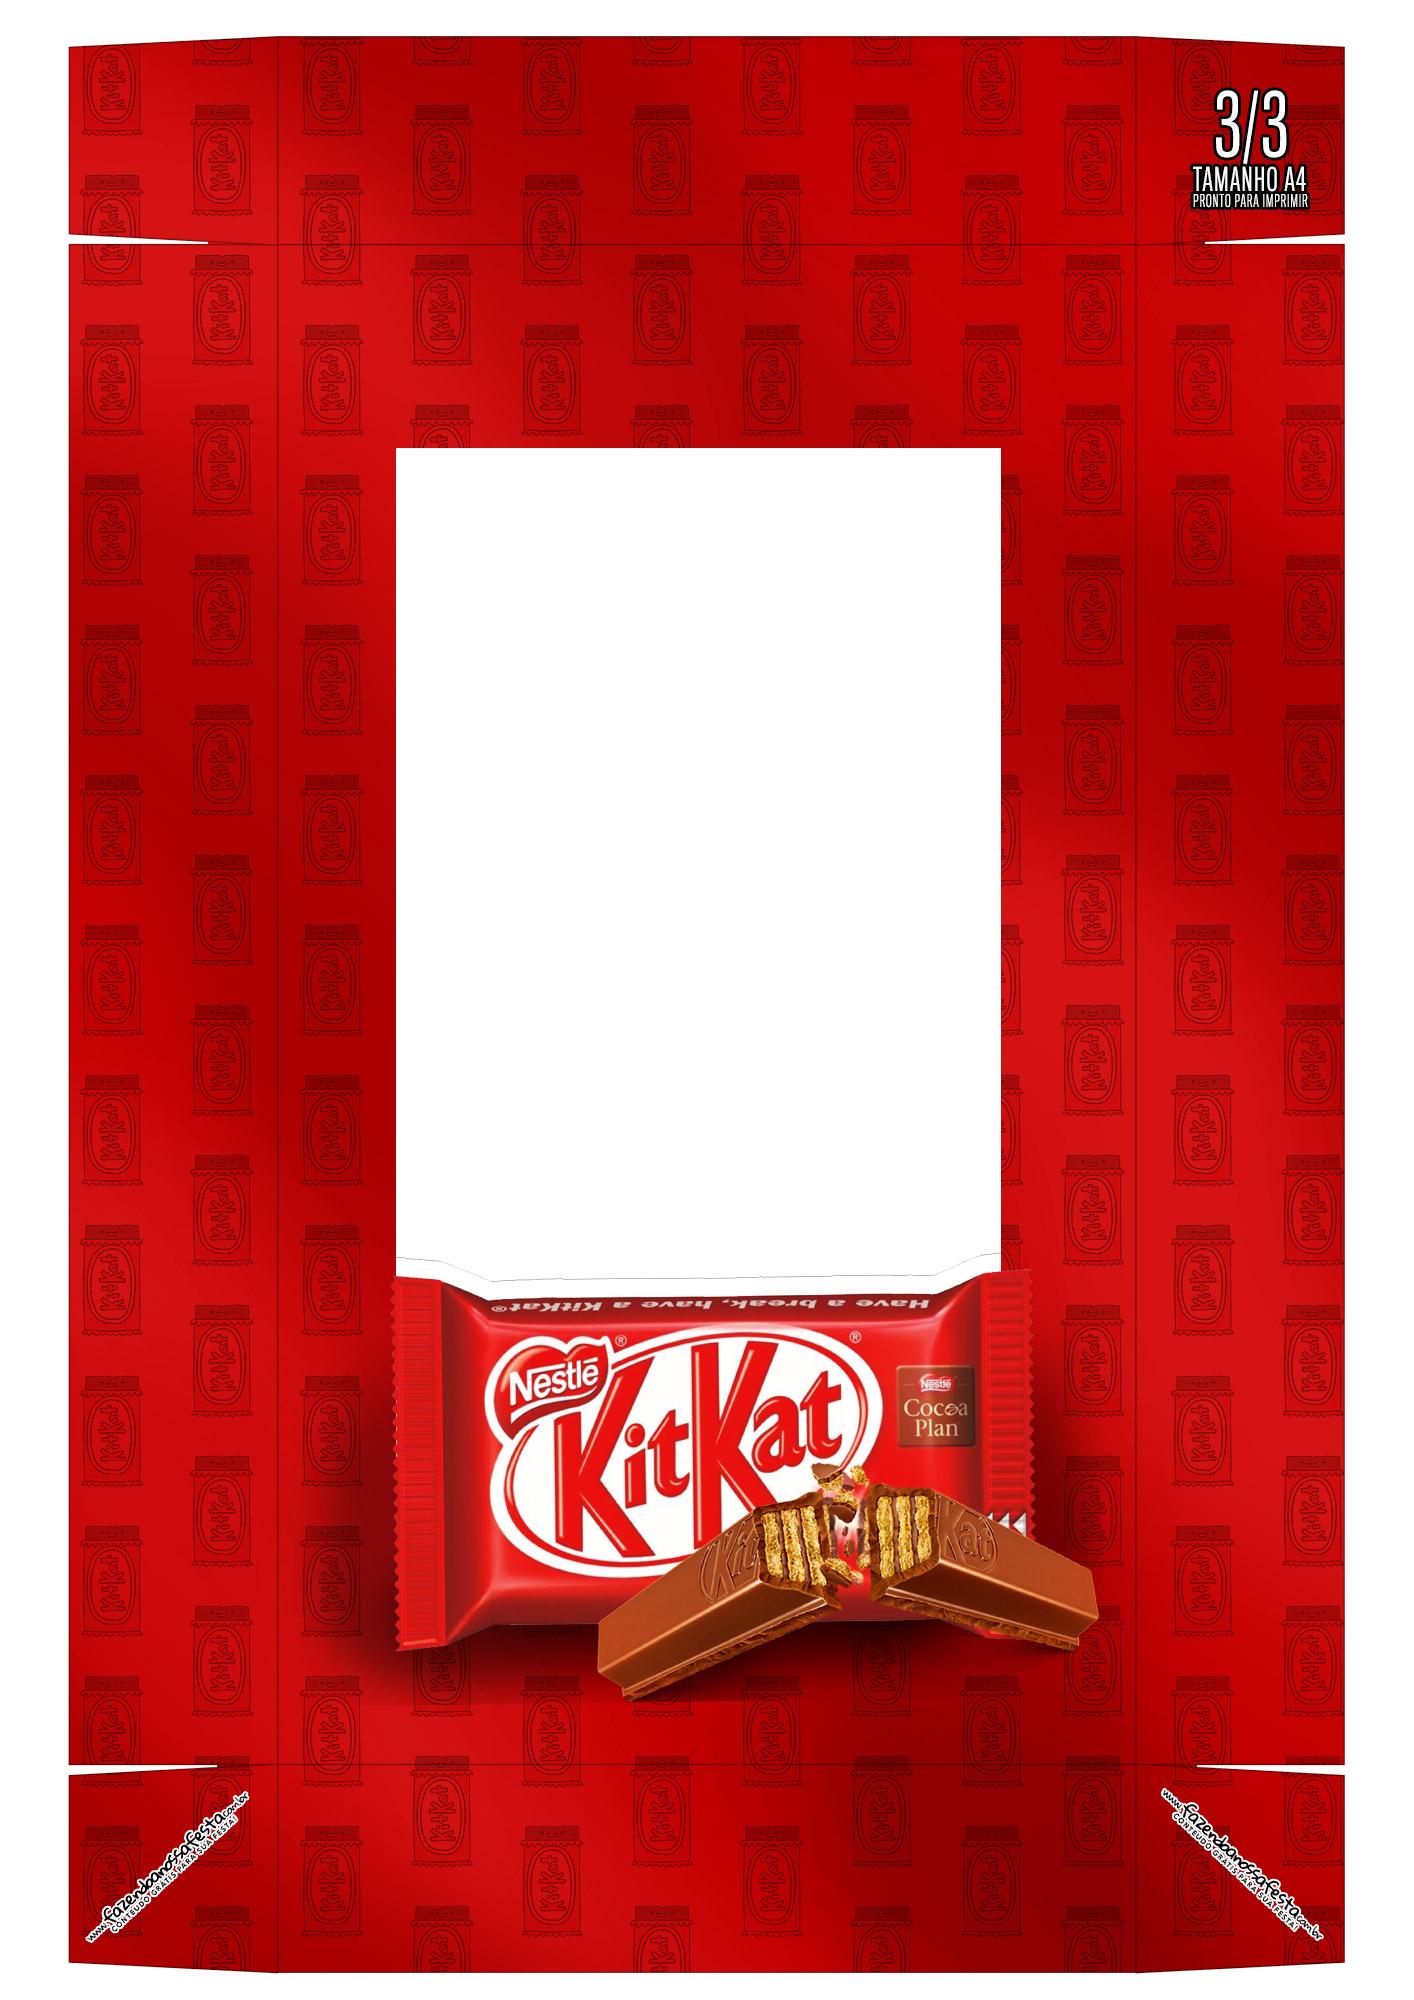 Caixa Kit Mini Confeiteiro Chocolates Kit Kat parte de cima